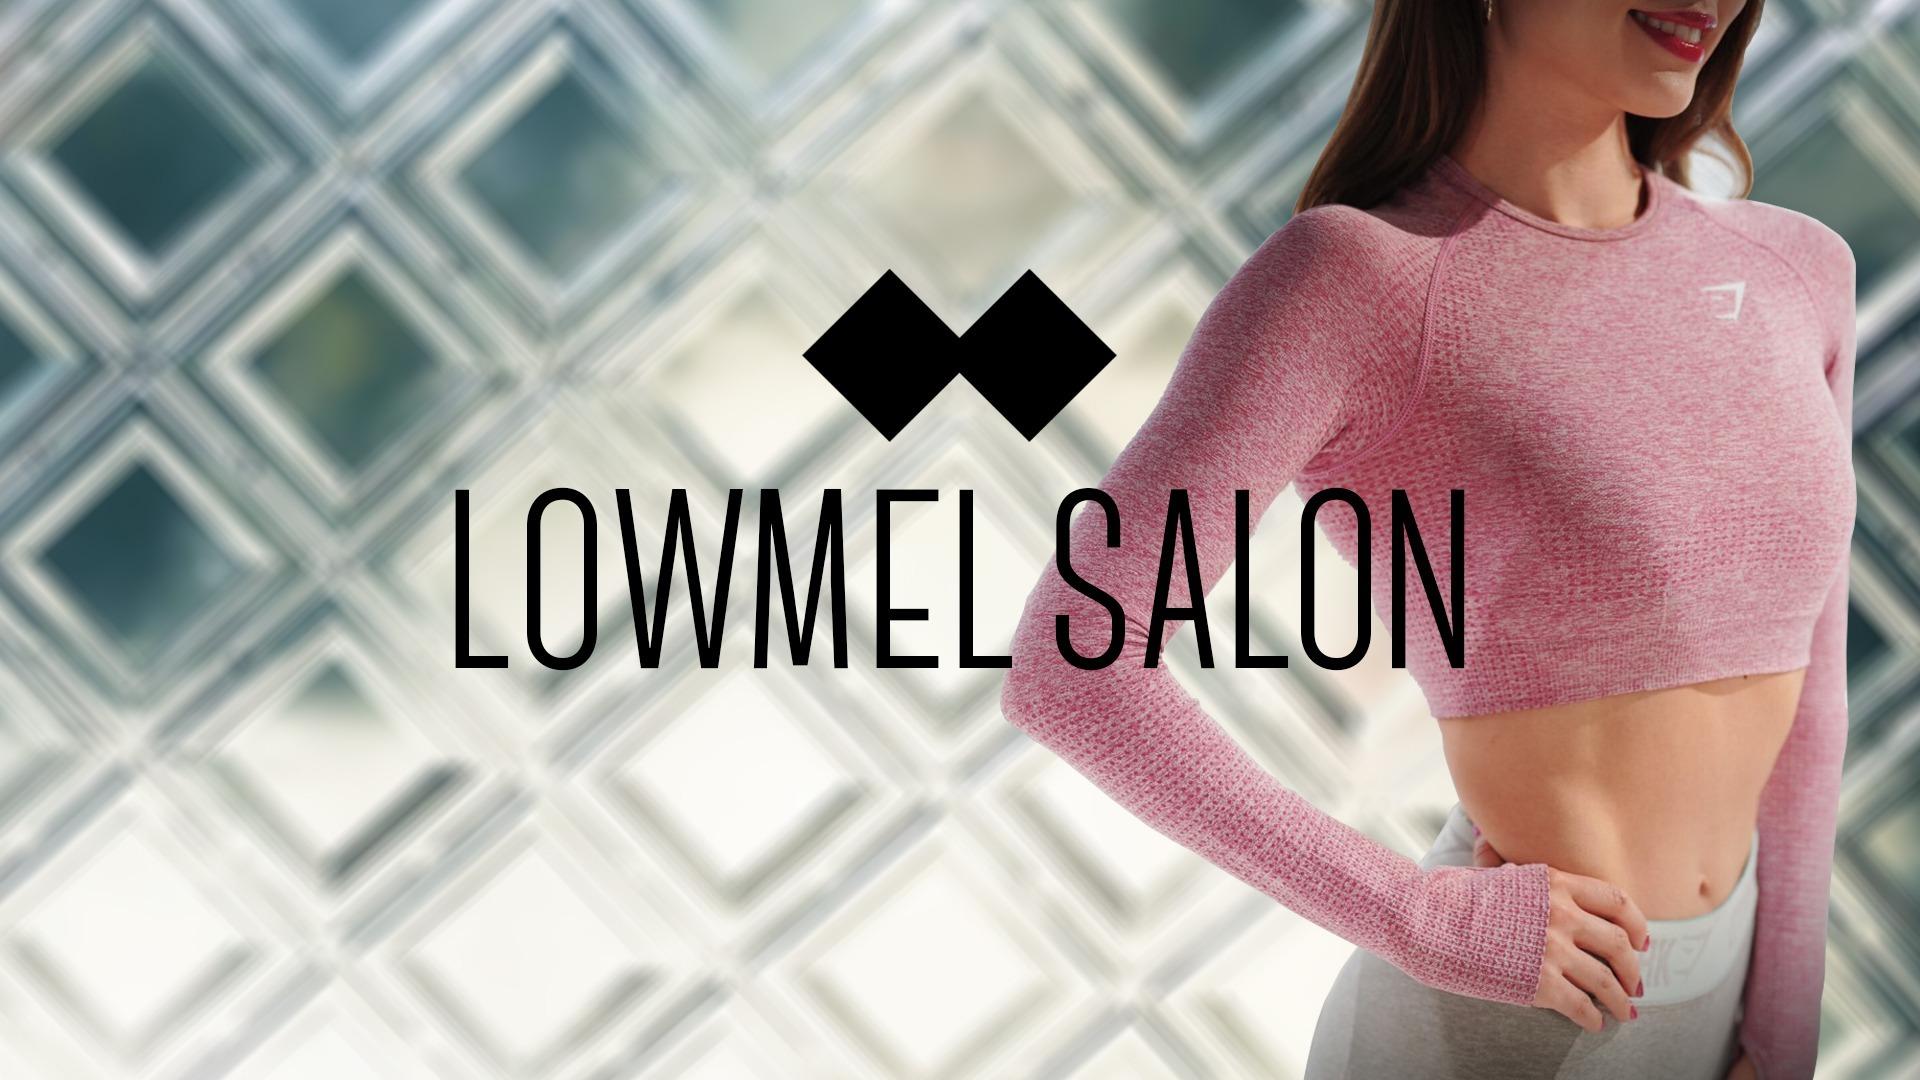 LOWMEL(ローメル)